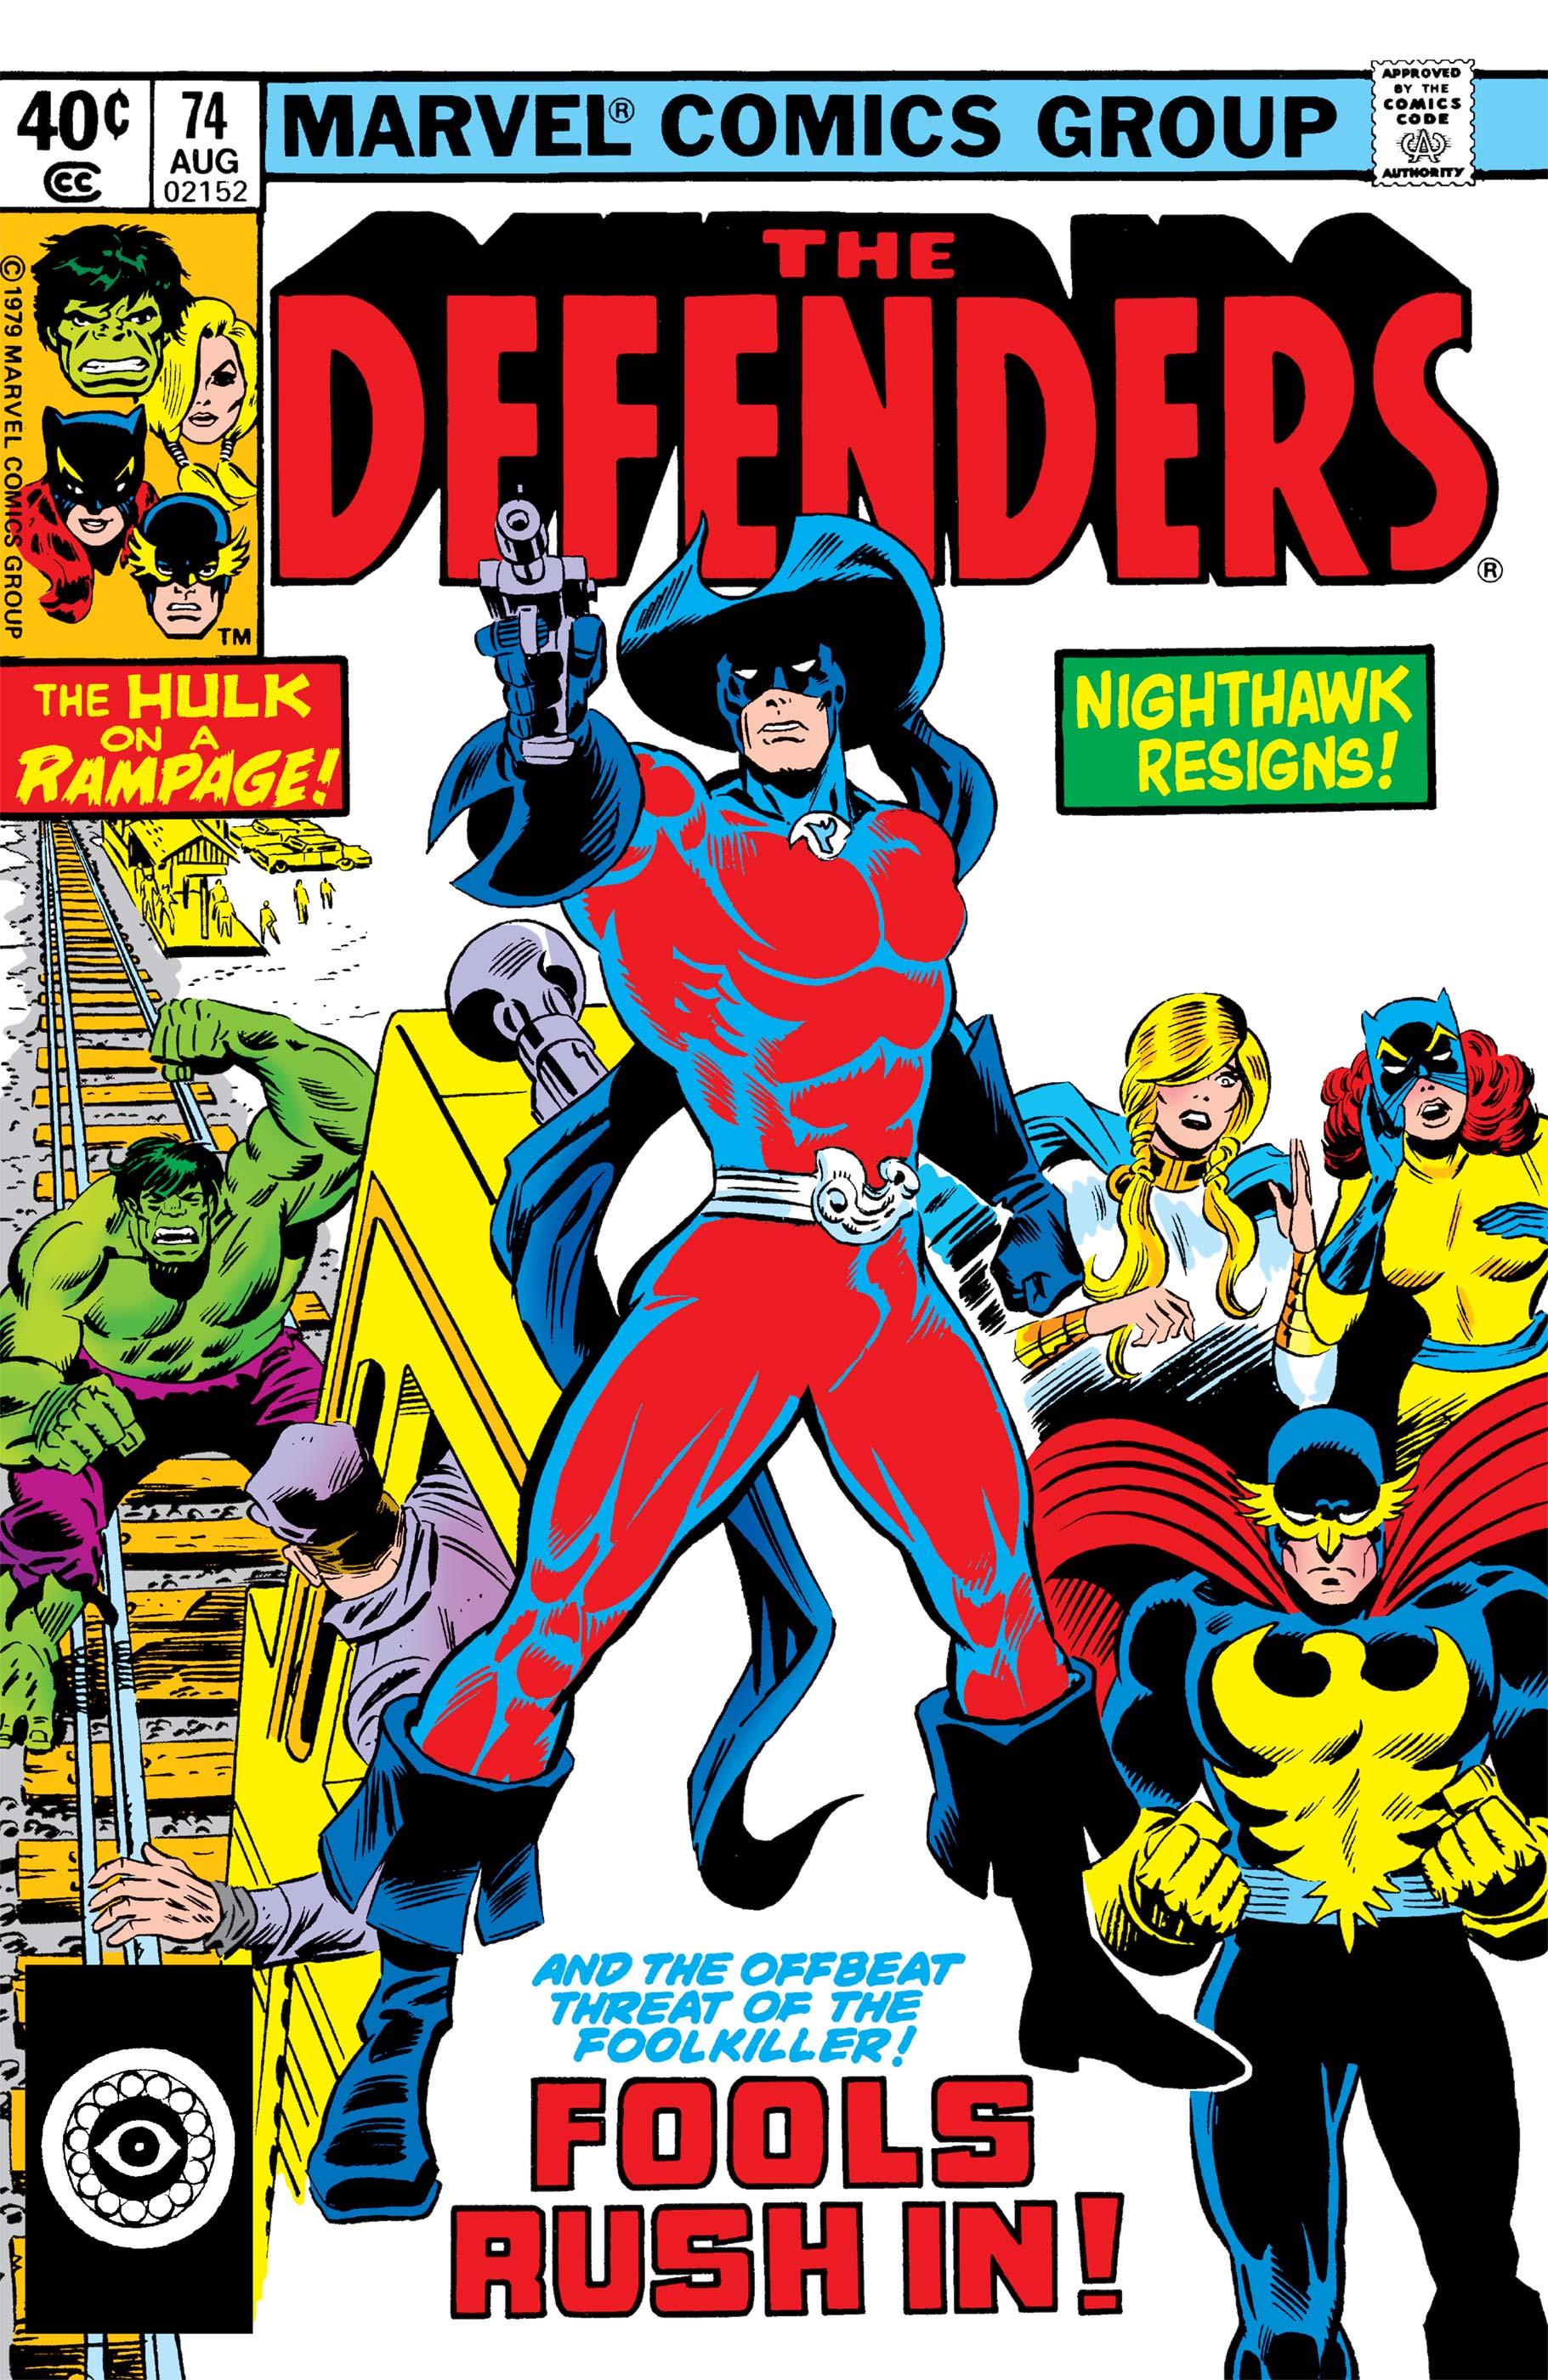 Defenders (1972) #74